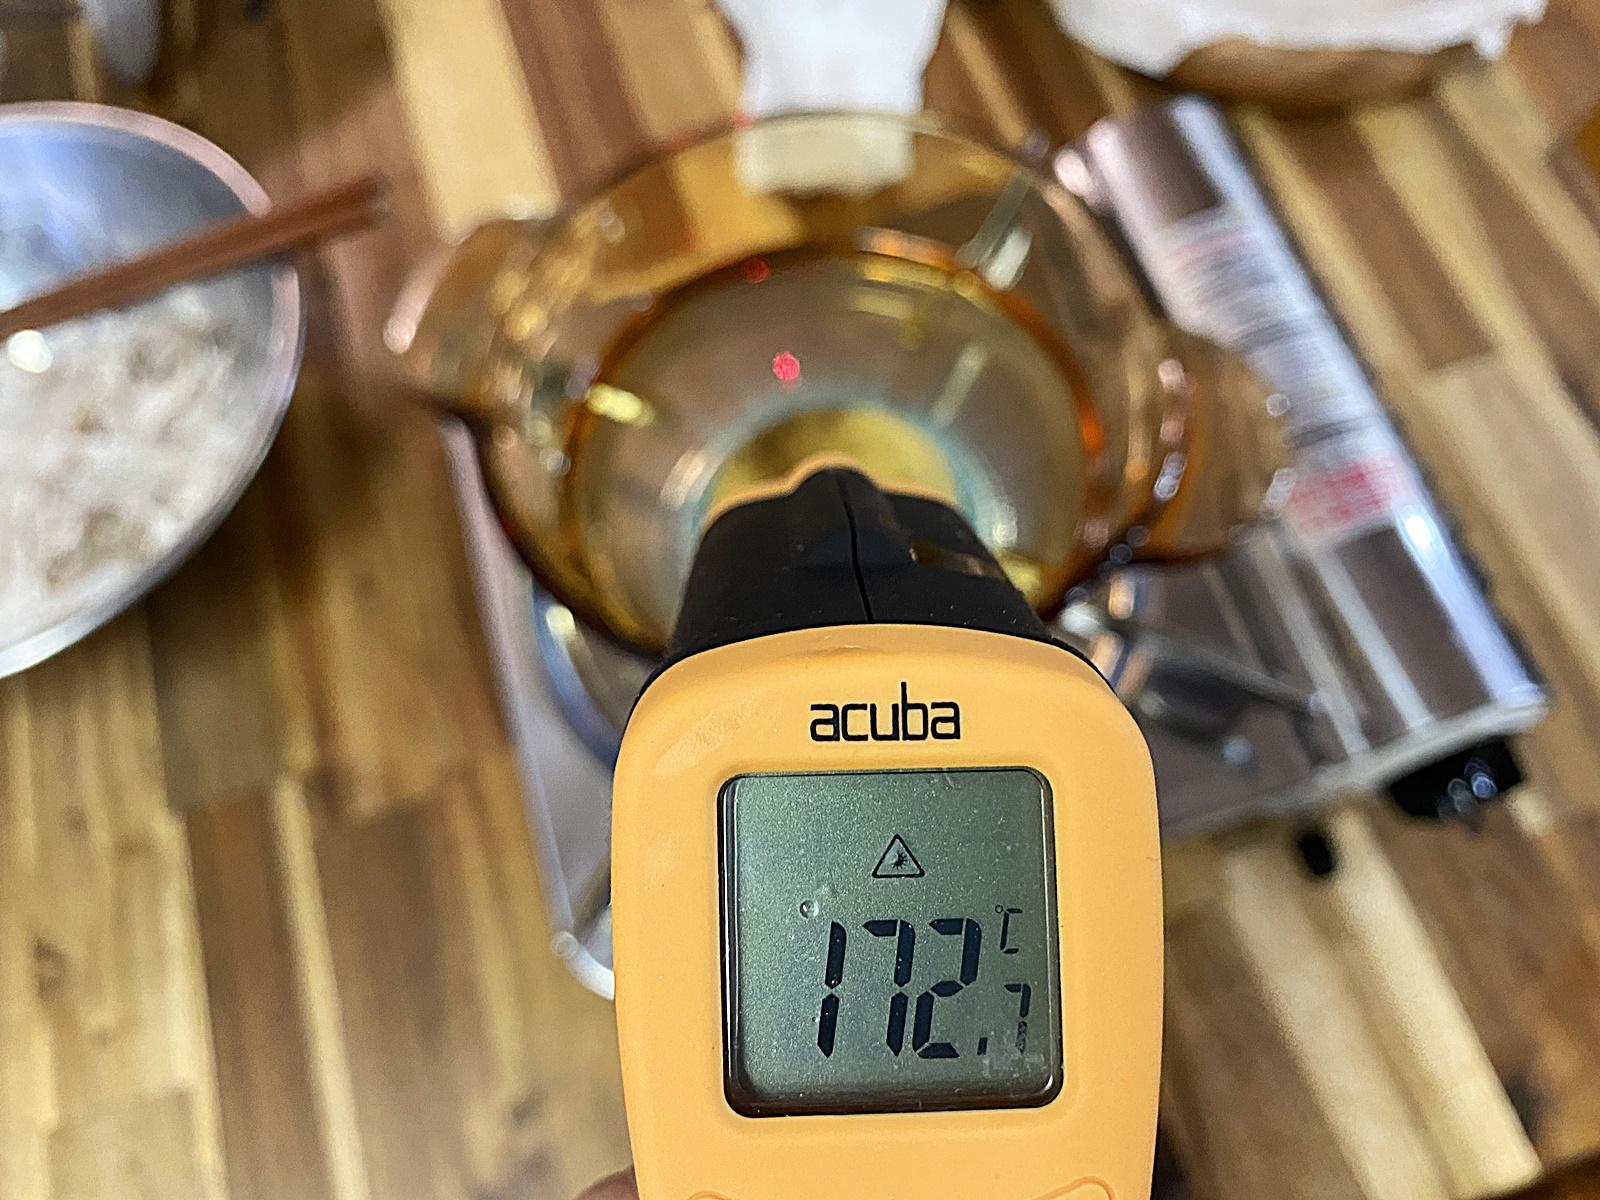 튀김 기름 적외선 온도계 172도